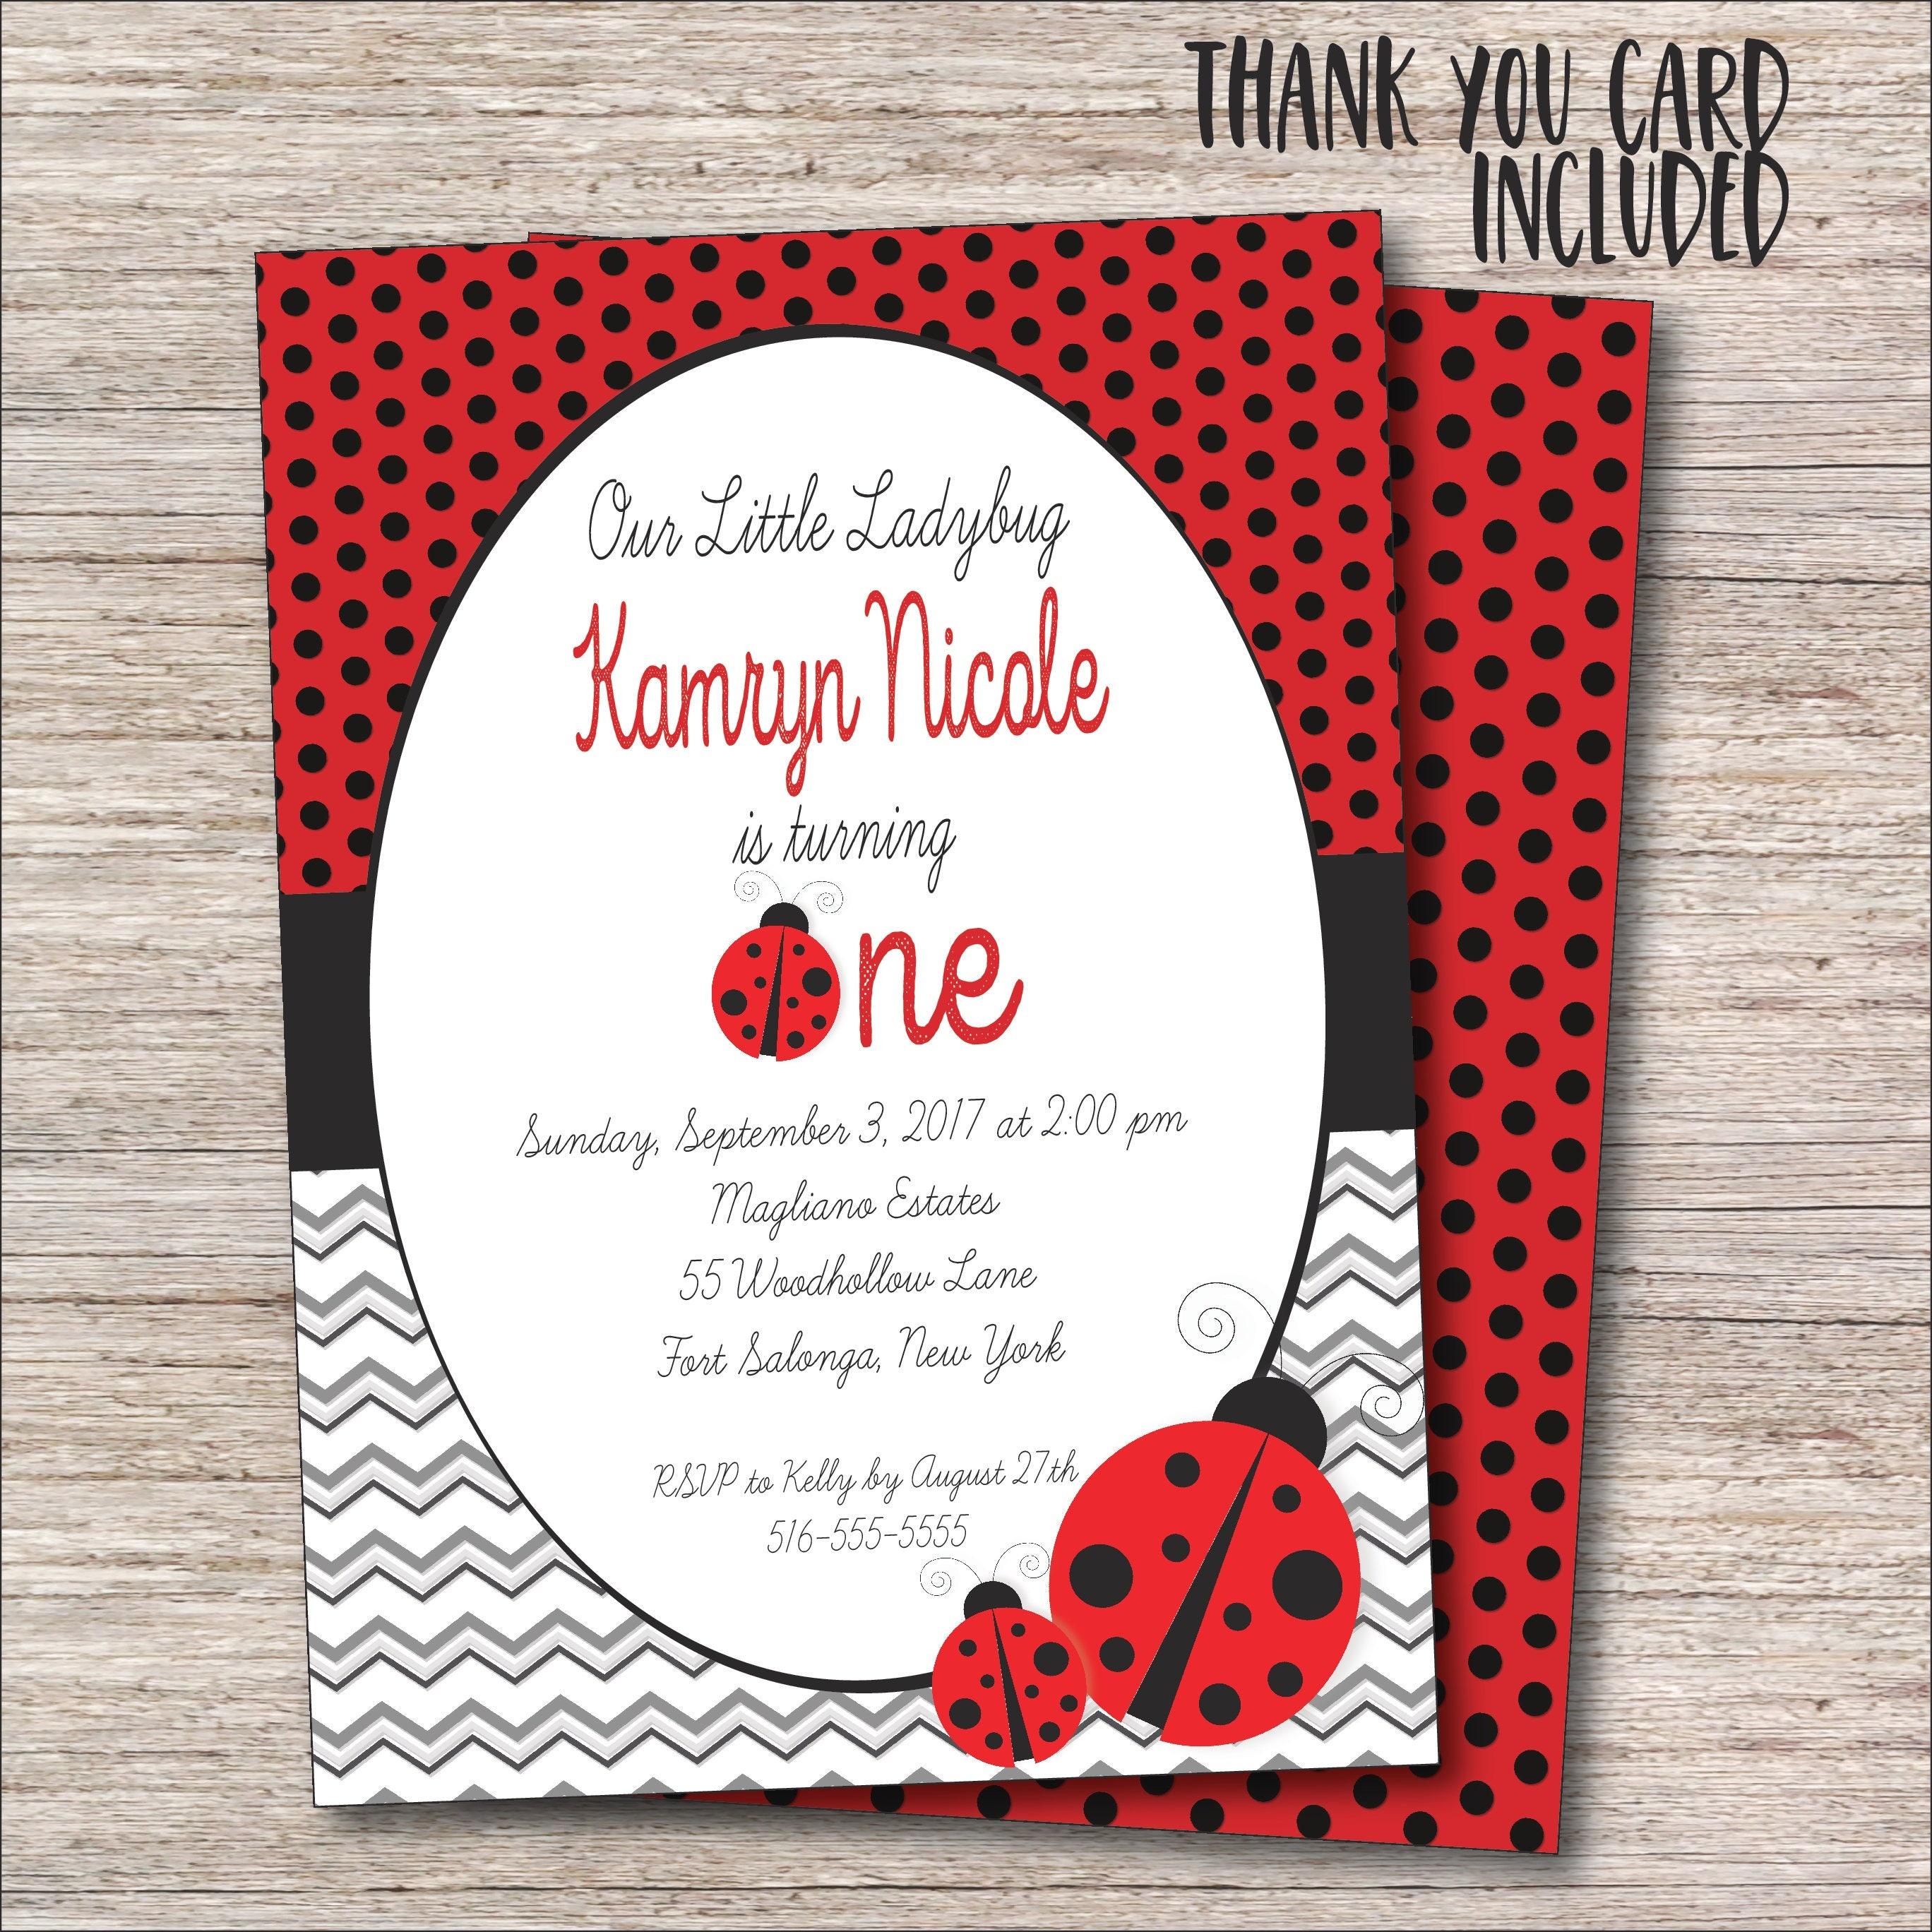 Ladybug Invitation FREE Thank You Card File Ladybug | Etsy